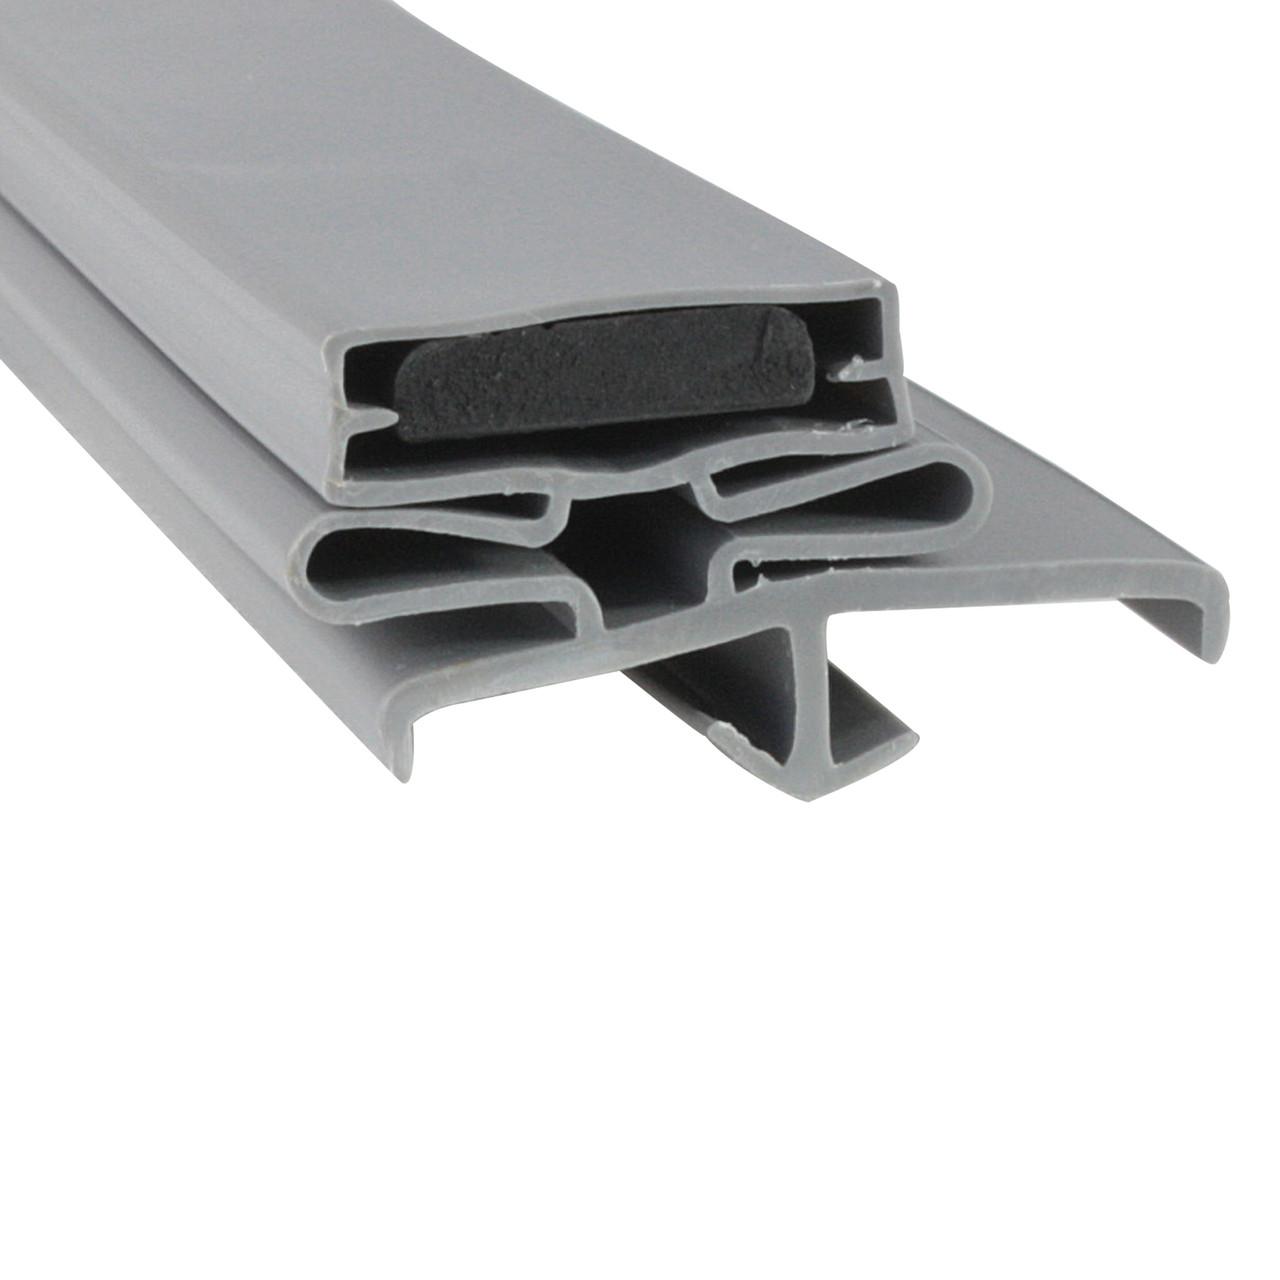 Traulsen Door Gasket Profile 165 29 1/4 X 64 3/4